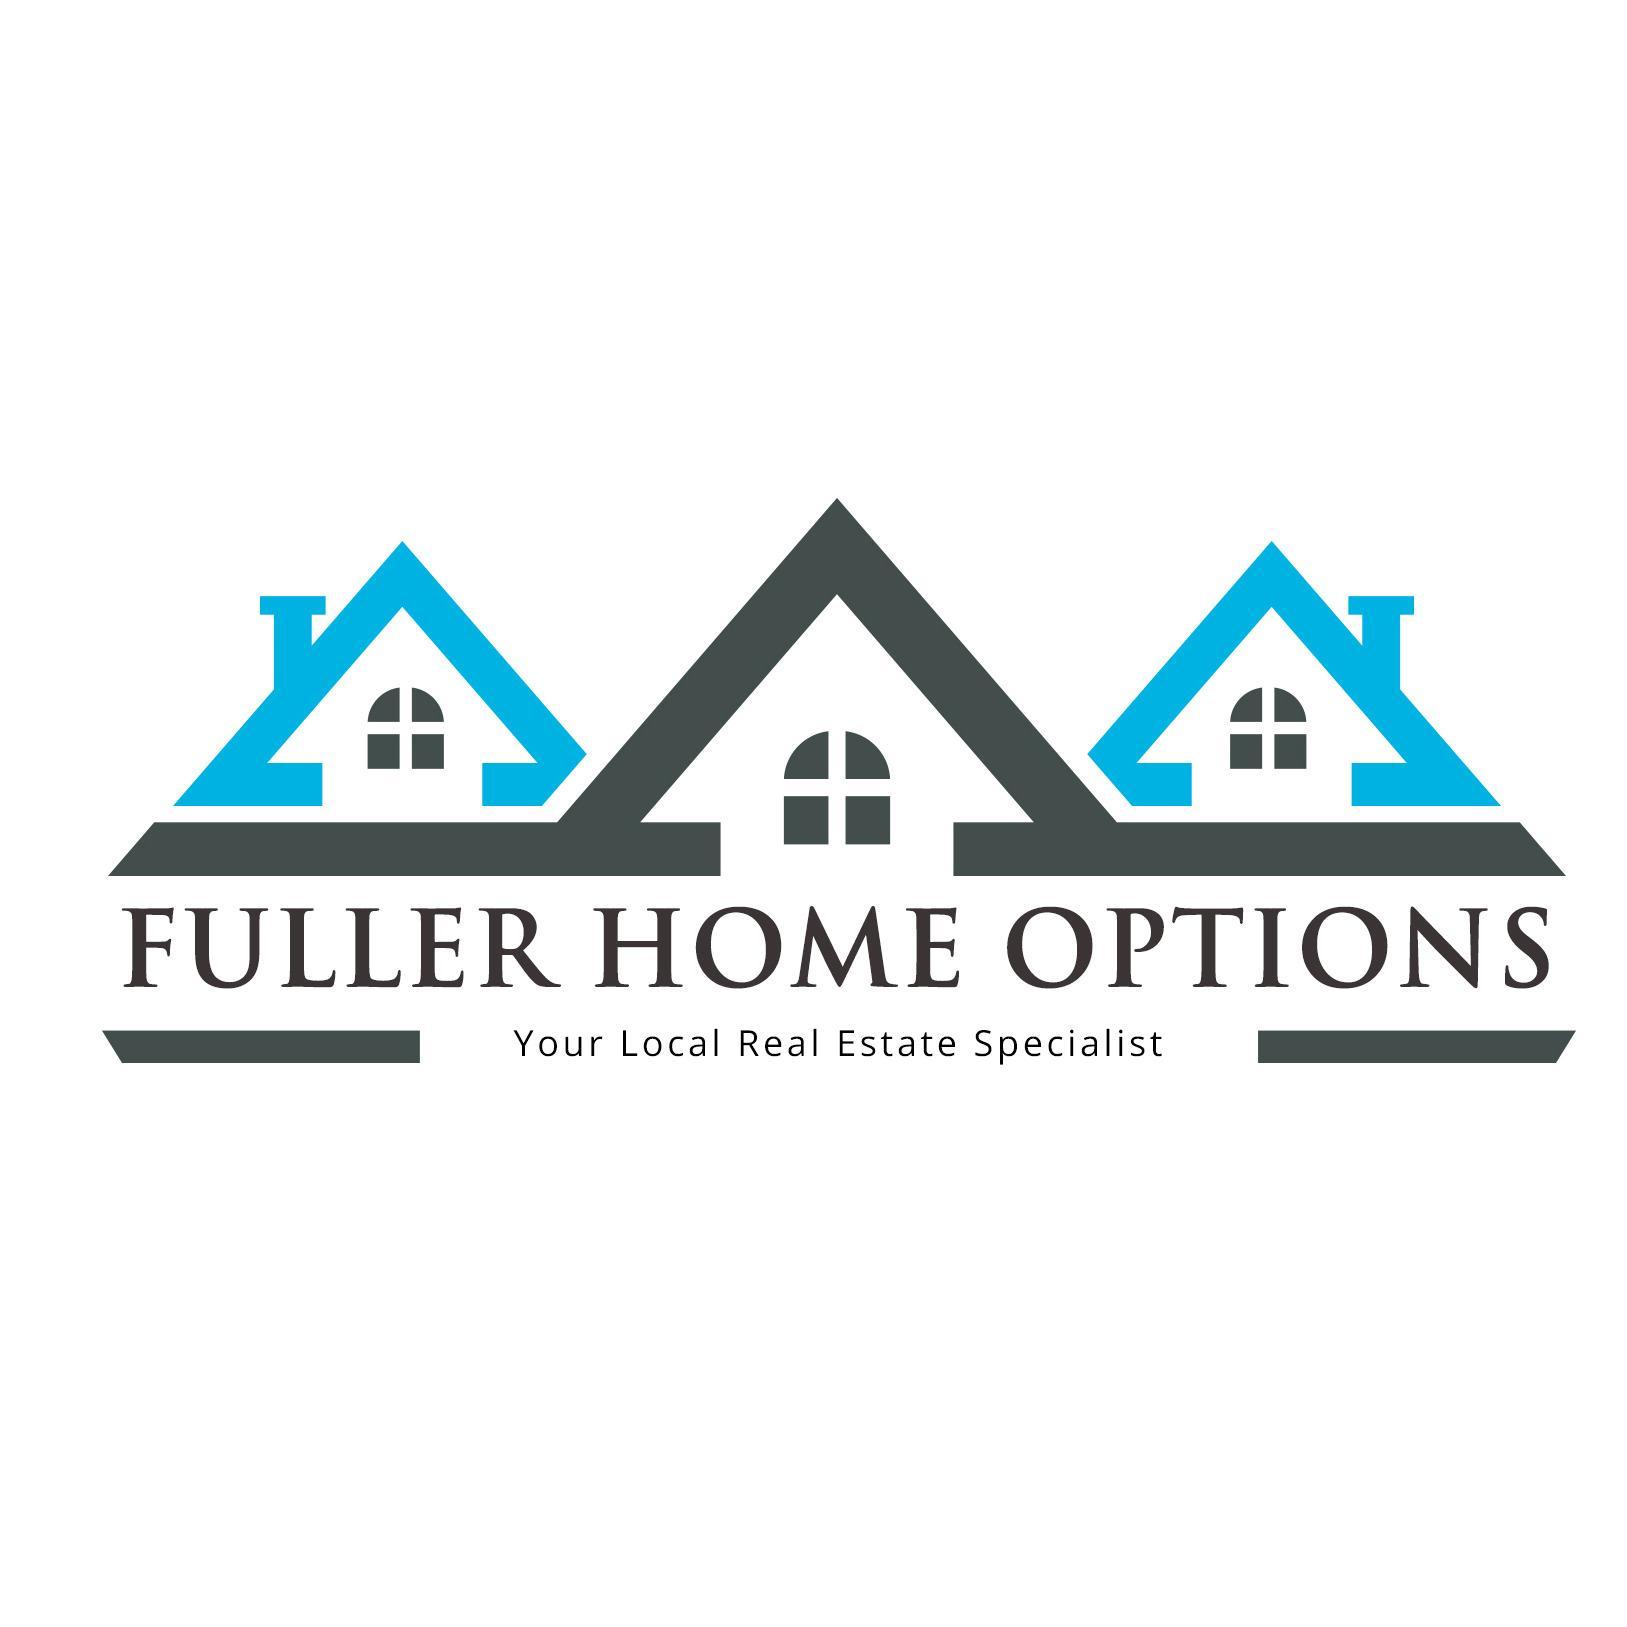 Fuller Home Options